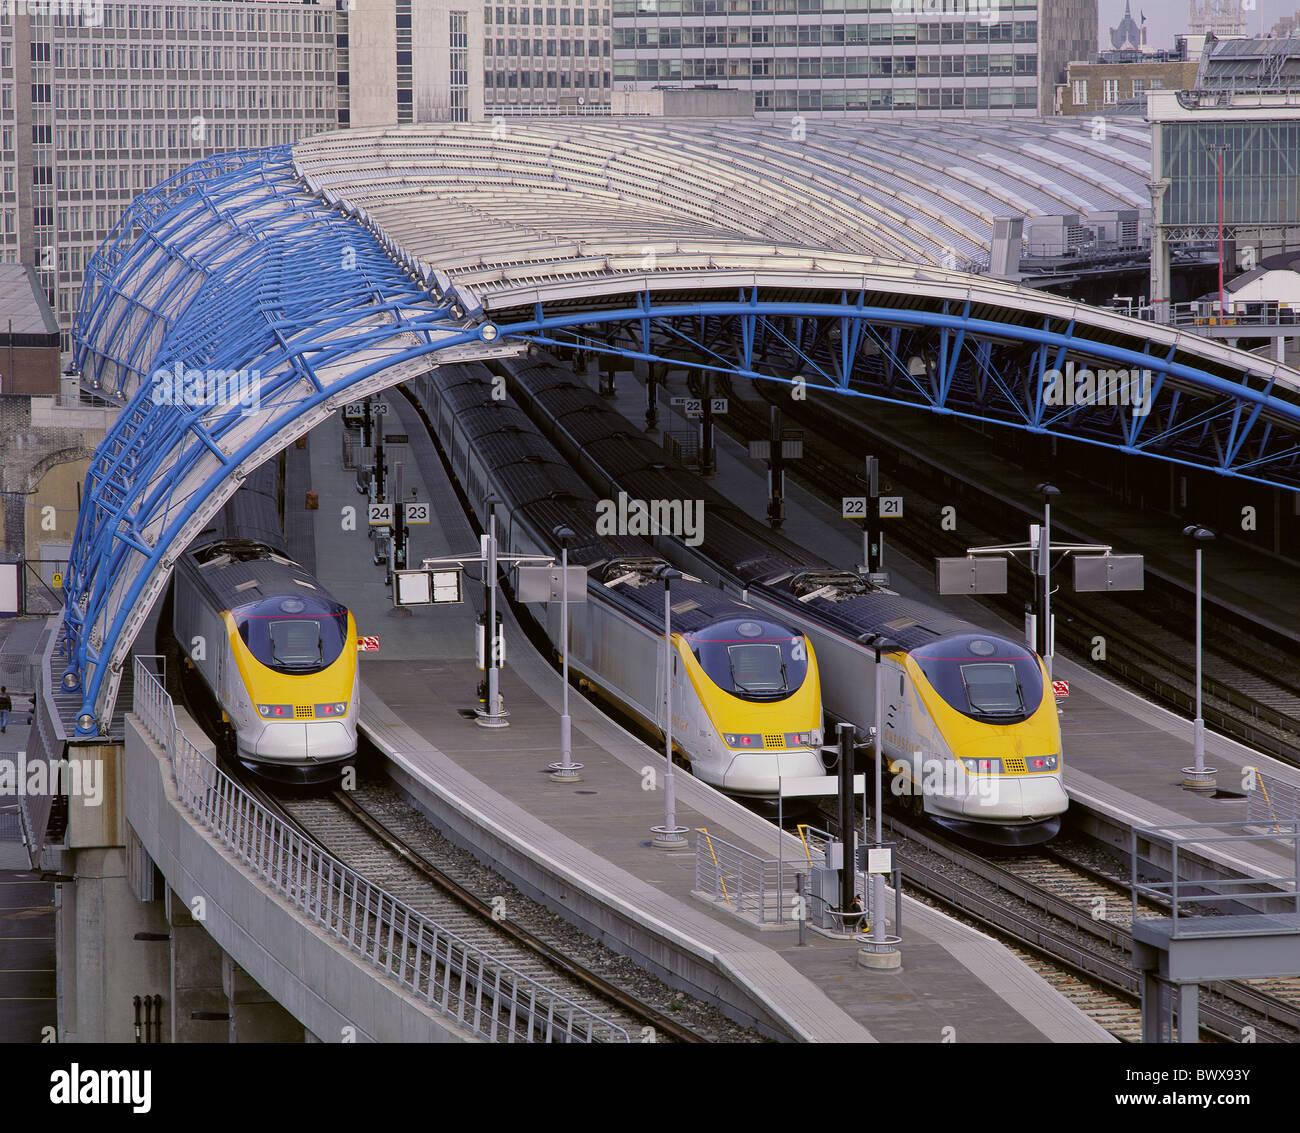 Inglaterra Gran Bretaña Europa London Waterloo Station estación de tren Eurostar trenes eurostarling waiti Imagen De Stock